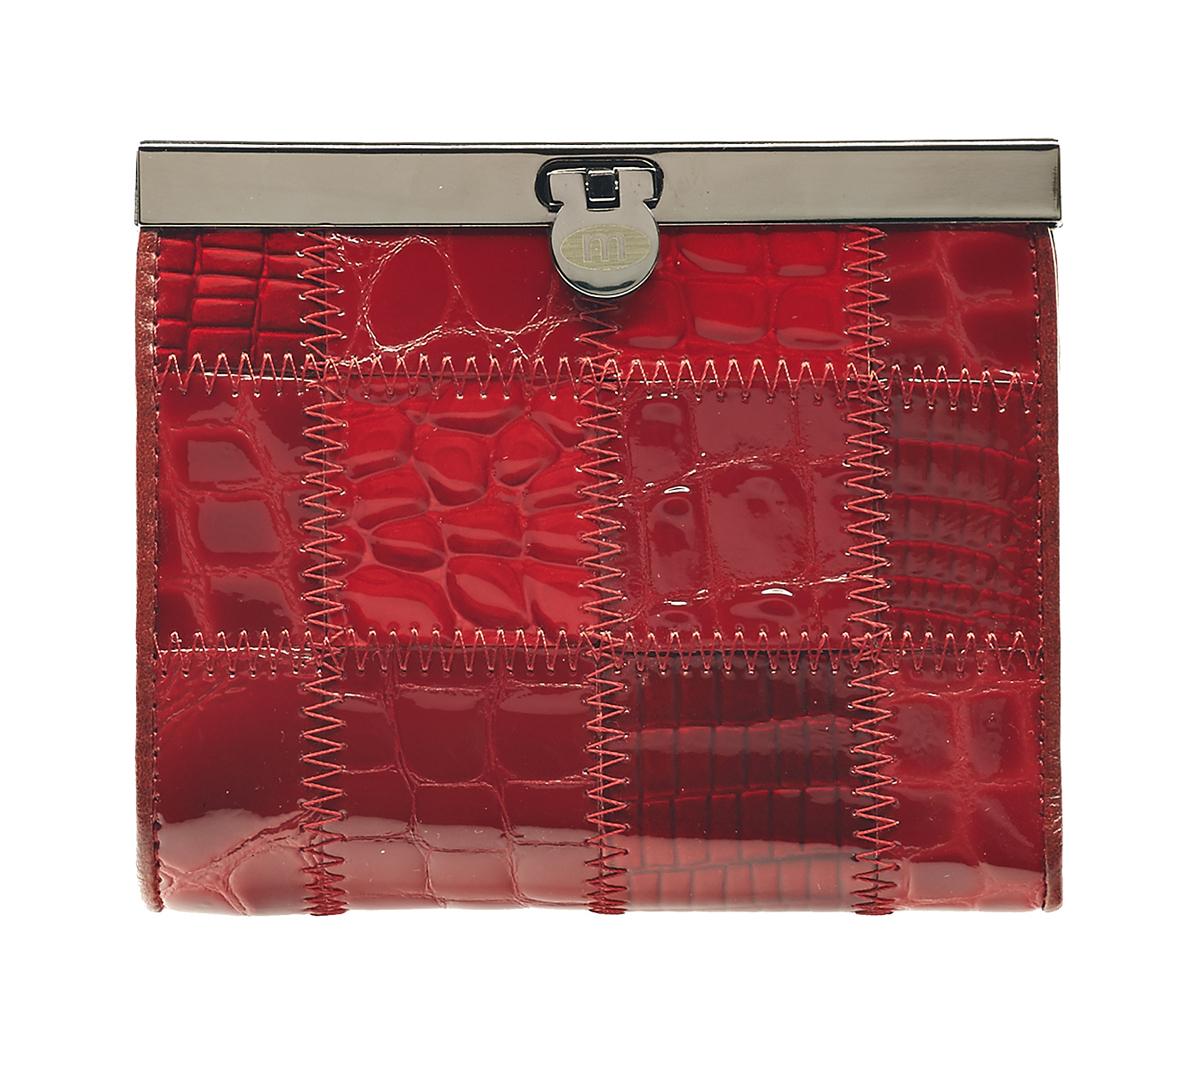 Кошелек женский Malgrado, цвет: красный. 44009A-444A Red44009A-444A Red Кошелек Сред. MalgradoЖенский кошелек Malgrado выполнен из натуральной кожи высшего качества и оформлен заплатками с разной фактурой и рисунком. Внутри кошелек содержит три отделения для купюр, одно из которых на молнии, отделение для мелочи на кнопке, три наборных кармашка для кредитных карт или визиток, два кармашка из прозрачного пластика и карман для мелких бумаг и чеков. Закрывается кошелек на небольшой металлический замочек. Кошелек упакован в фирменную картонную коробку. Характеристики: Материал: натуральная кожа, текстиль, металл. Цвет: красный. Размер кошелька: 11,5 см х 9,5 см х 2,5 см. Размер упаковки: 12,5 см х 11 см х 3 см. Артикул: 44009A-444A.